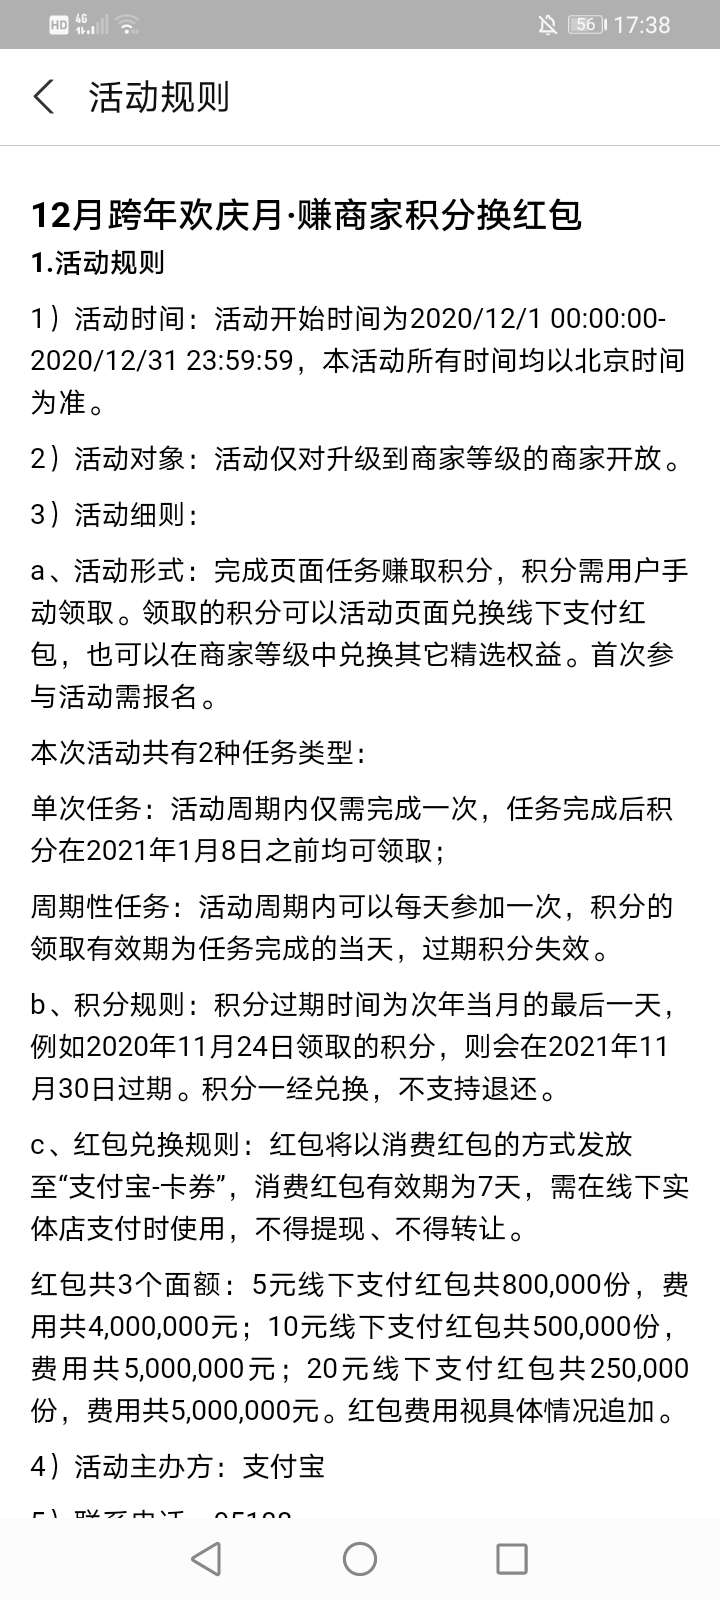 图片[2]-支付宝商活动-老友薅羊毛活动线报网